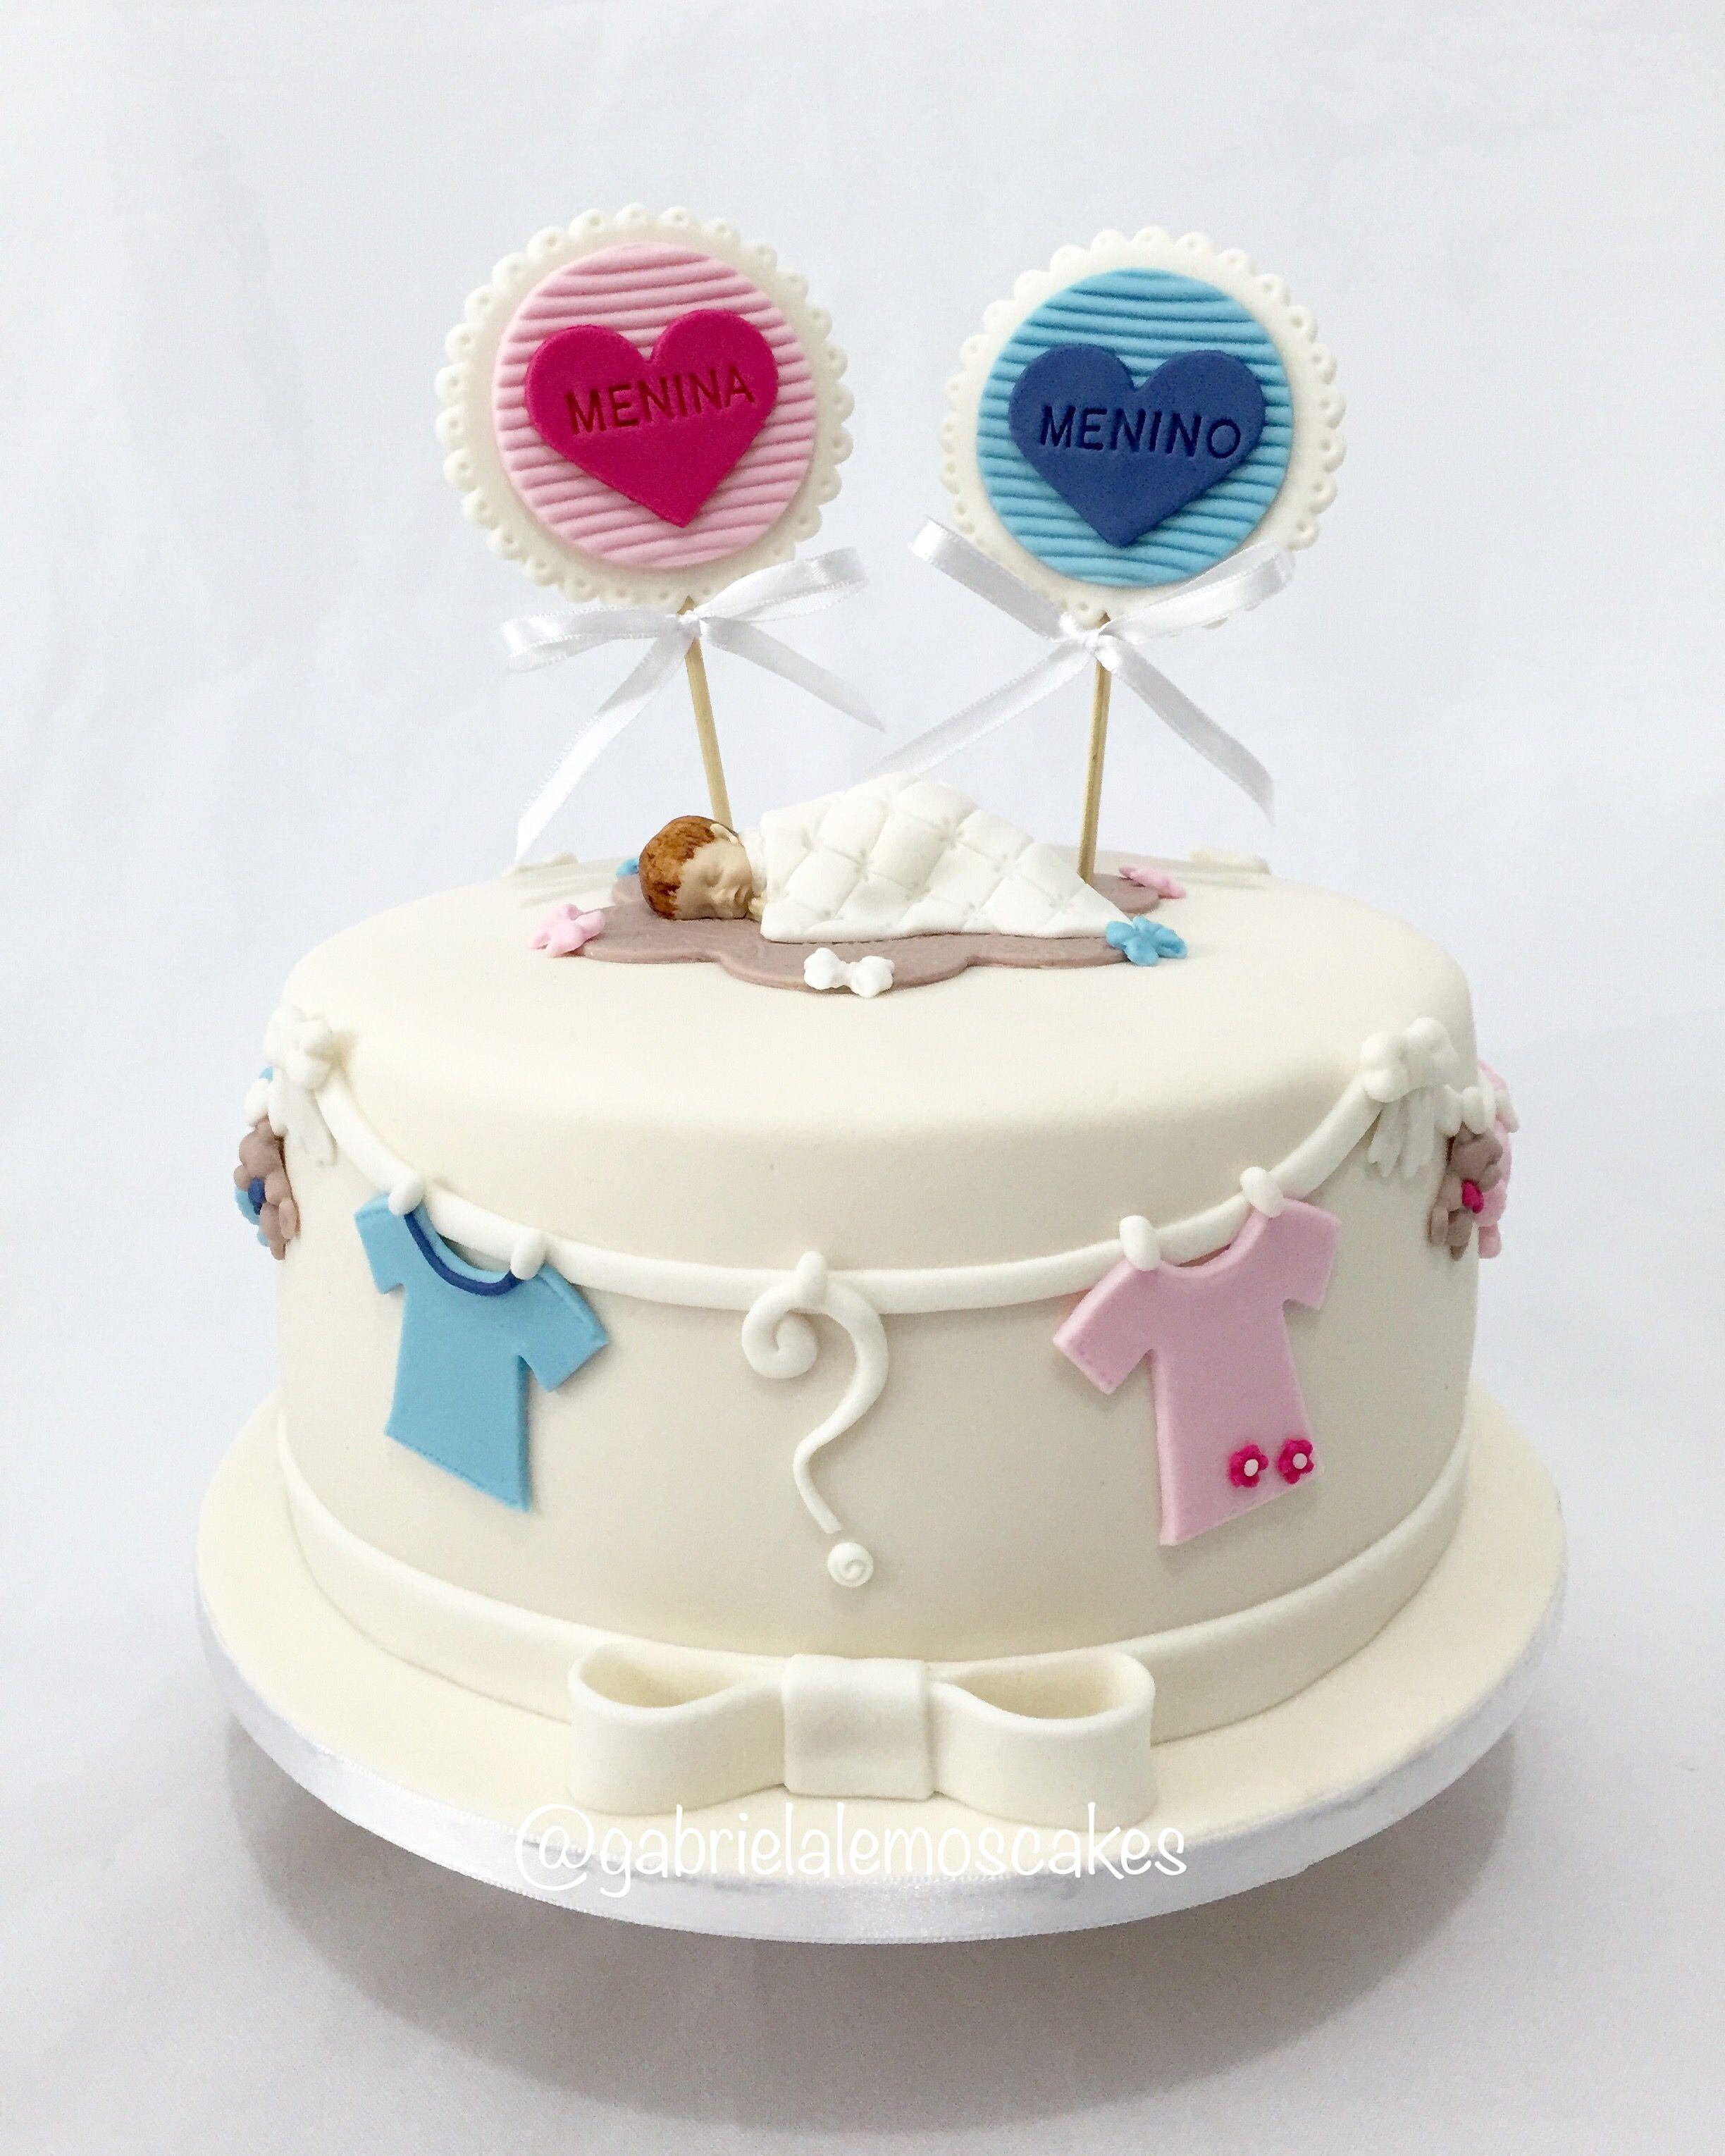 Revelation Cake Bolo revelao Girl or Boy gabrielalemoscakes